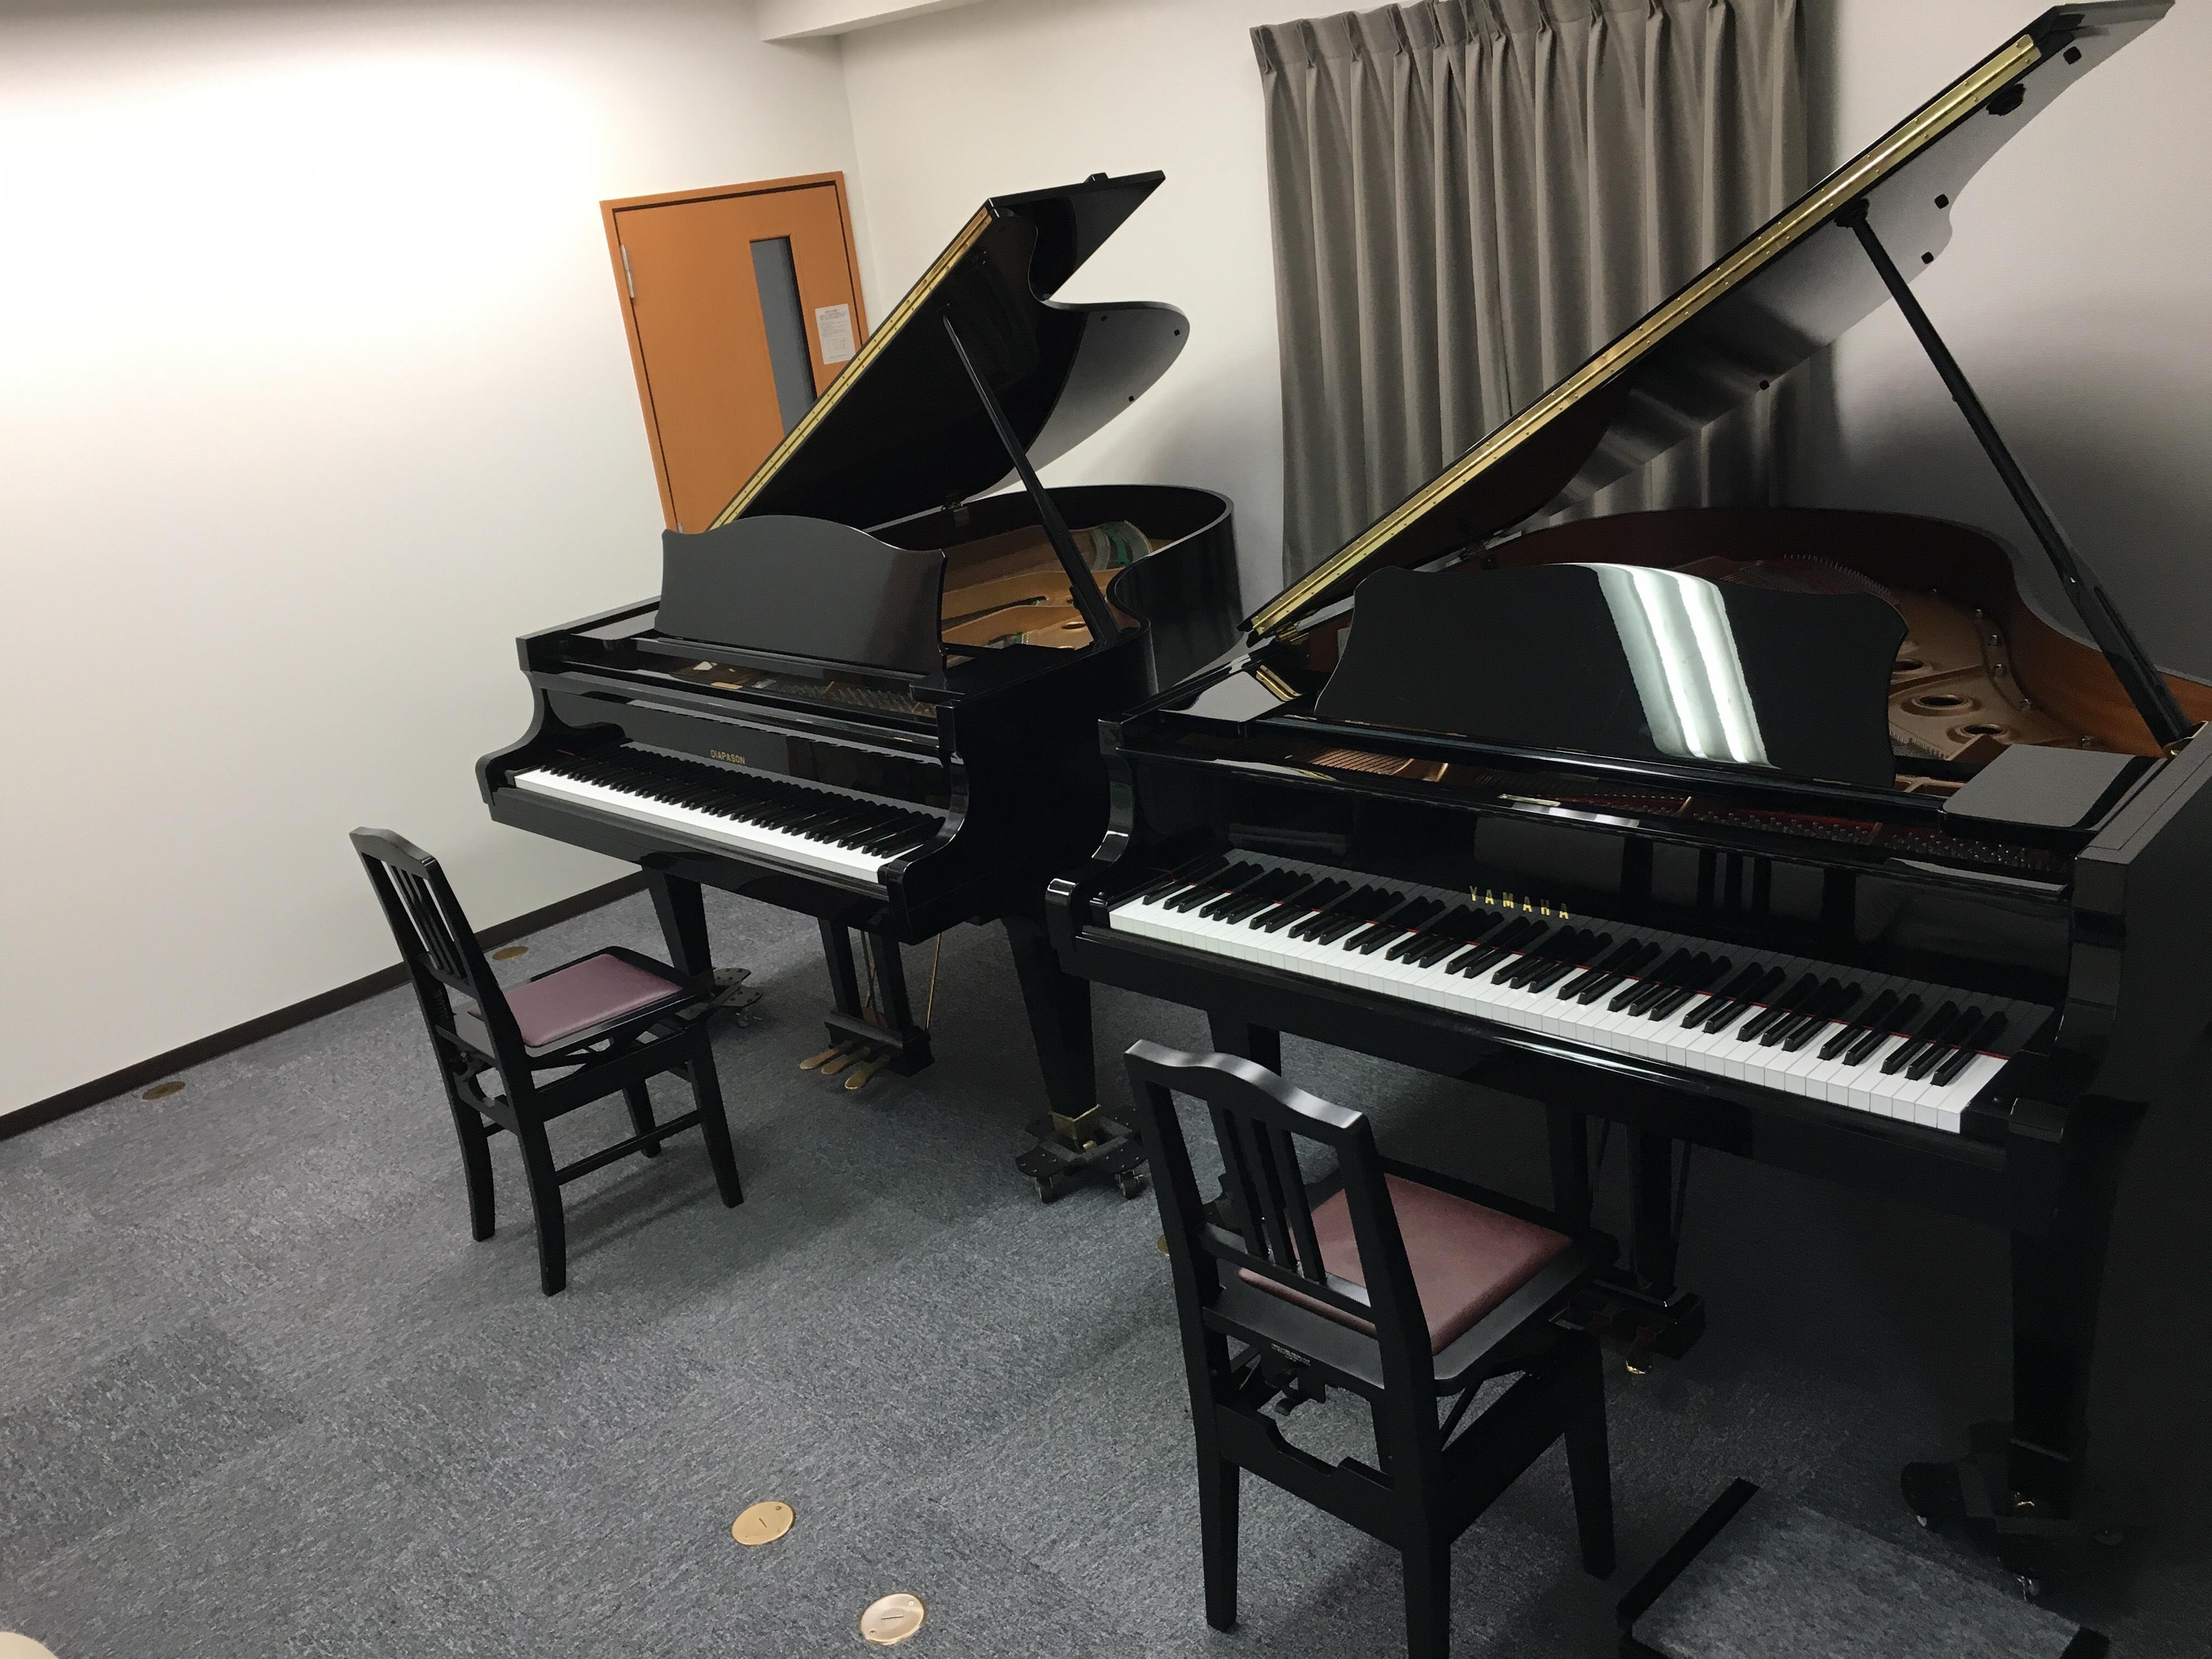 玉造音楽教室 4階スタジオのピアノが2台に増えました